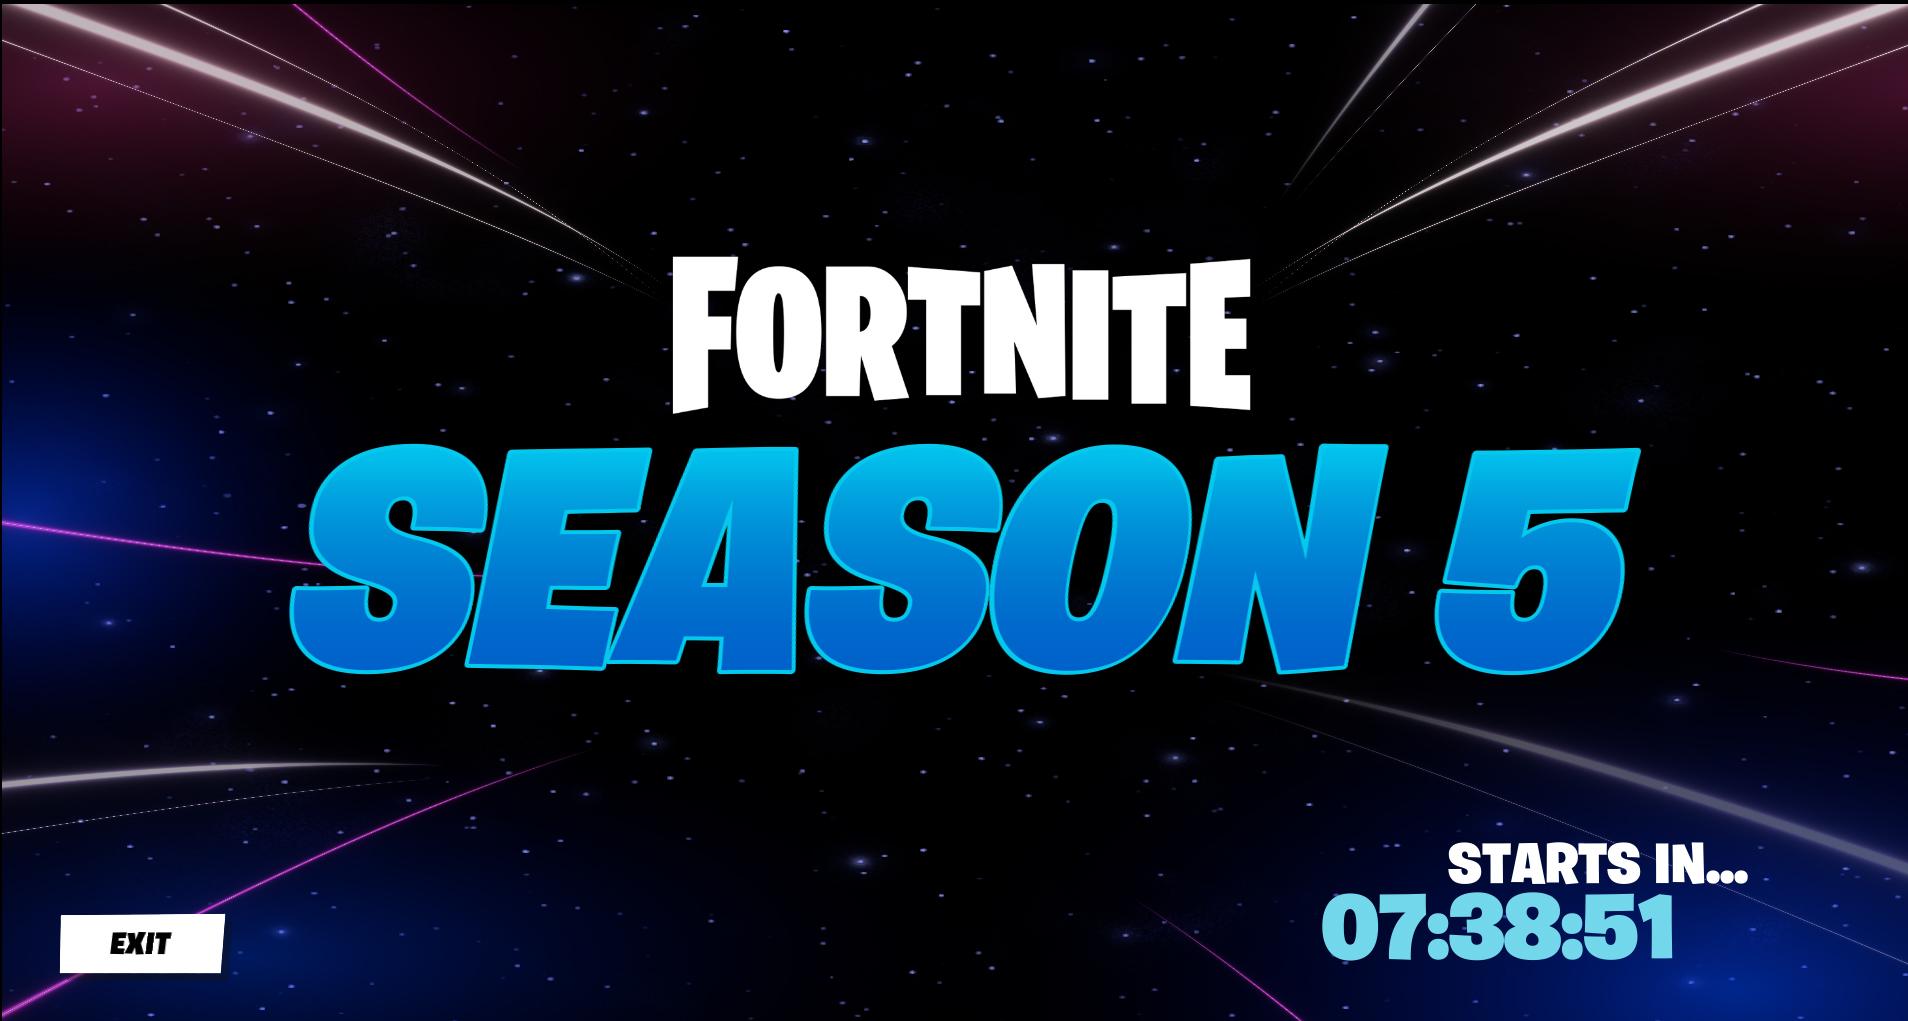 Fortnite reviendra au chapitre 2, saison 5 le 2 décembre 2020.